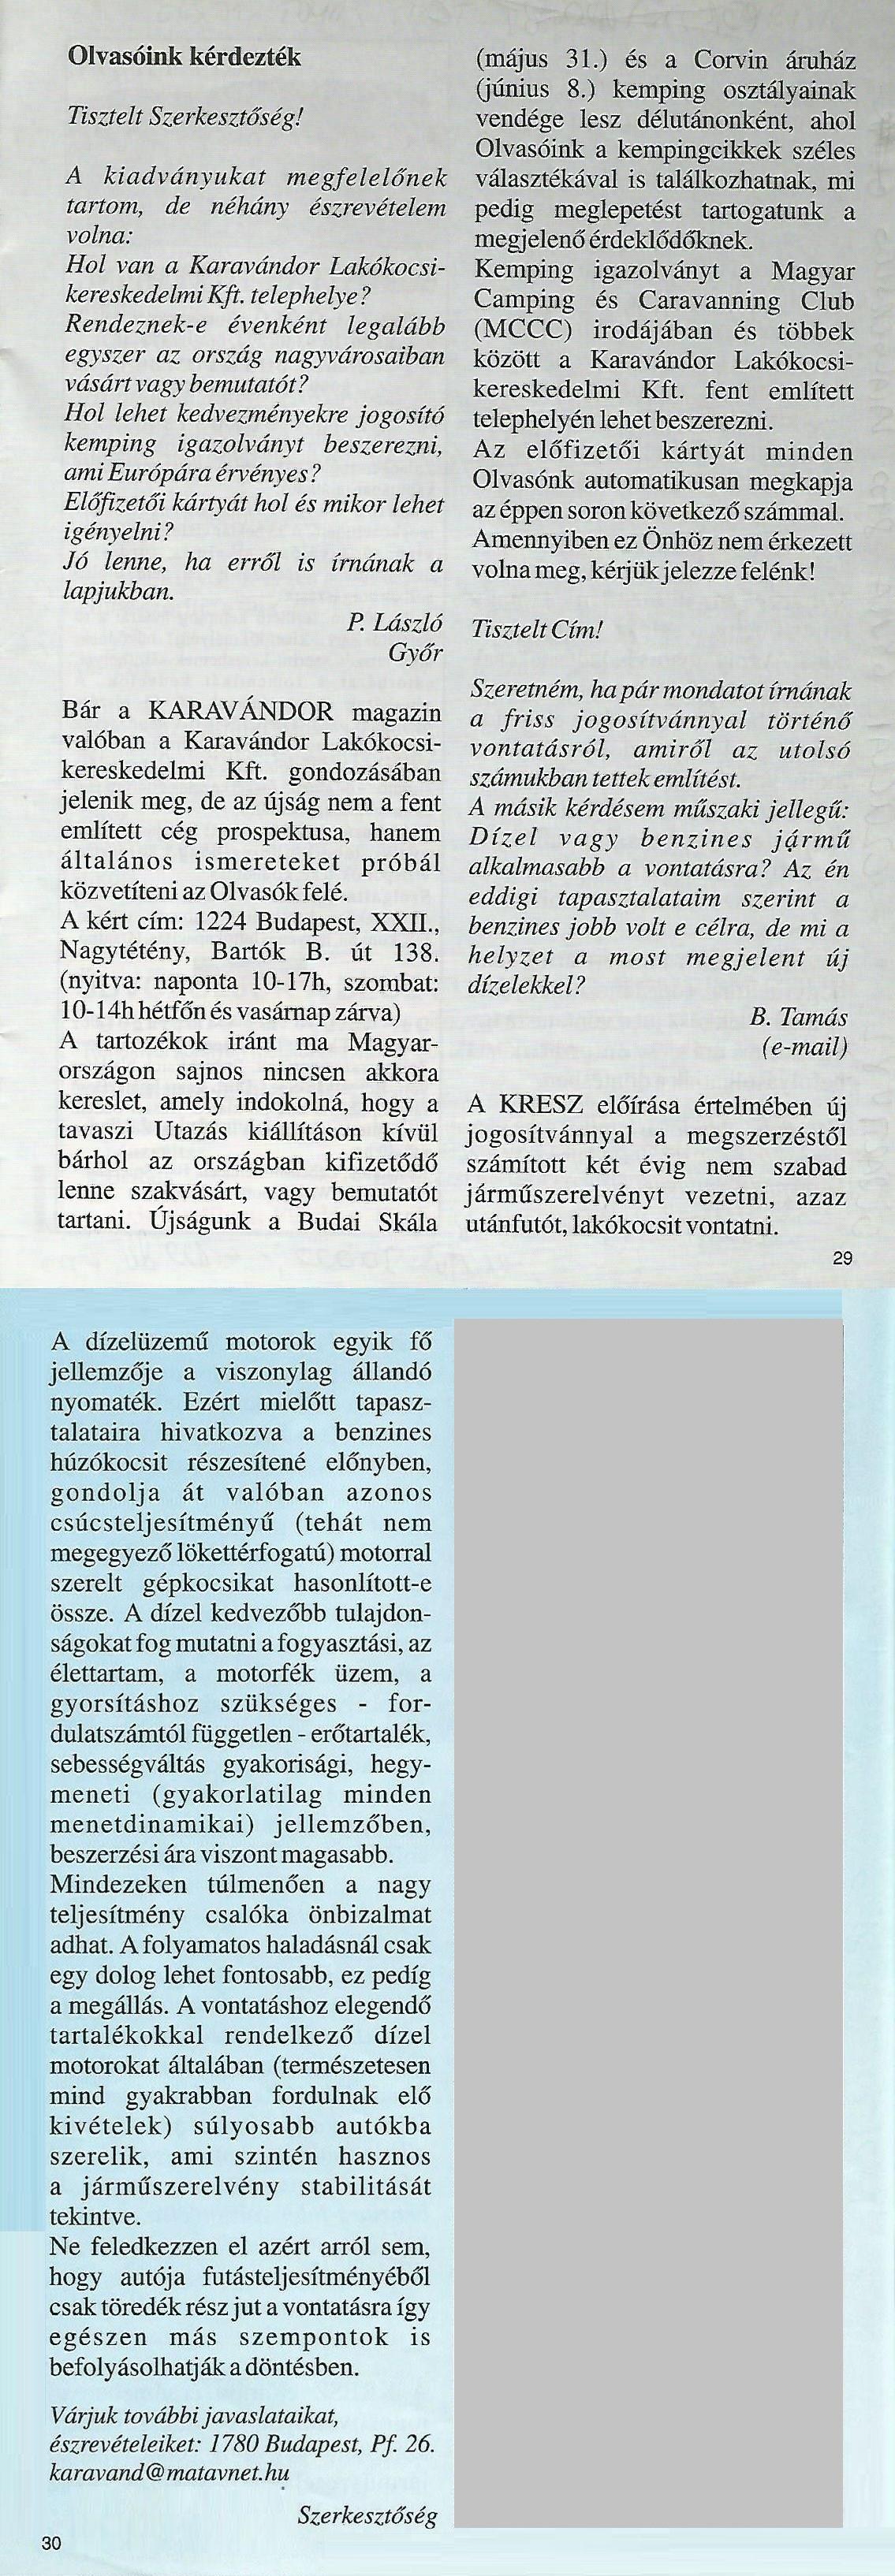 Karavándor magazin 2001. Nyár